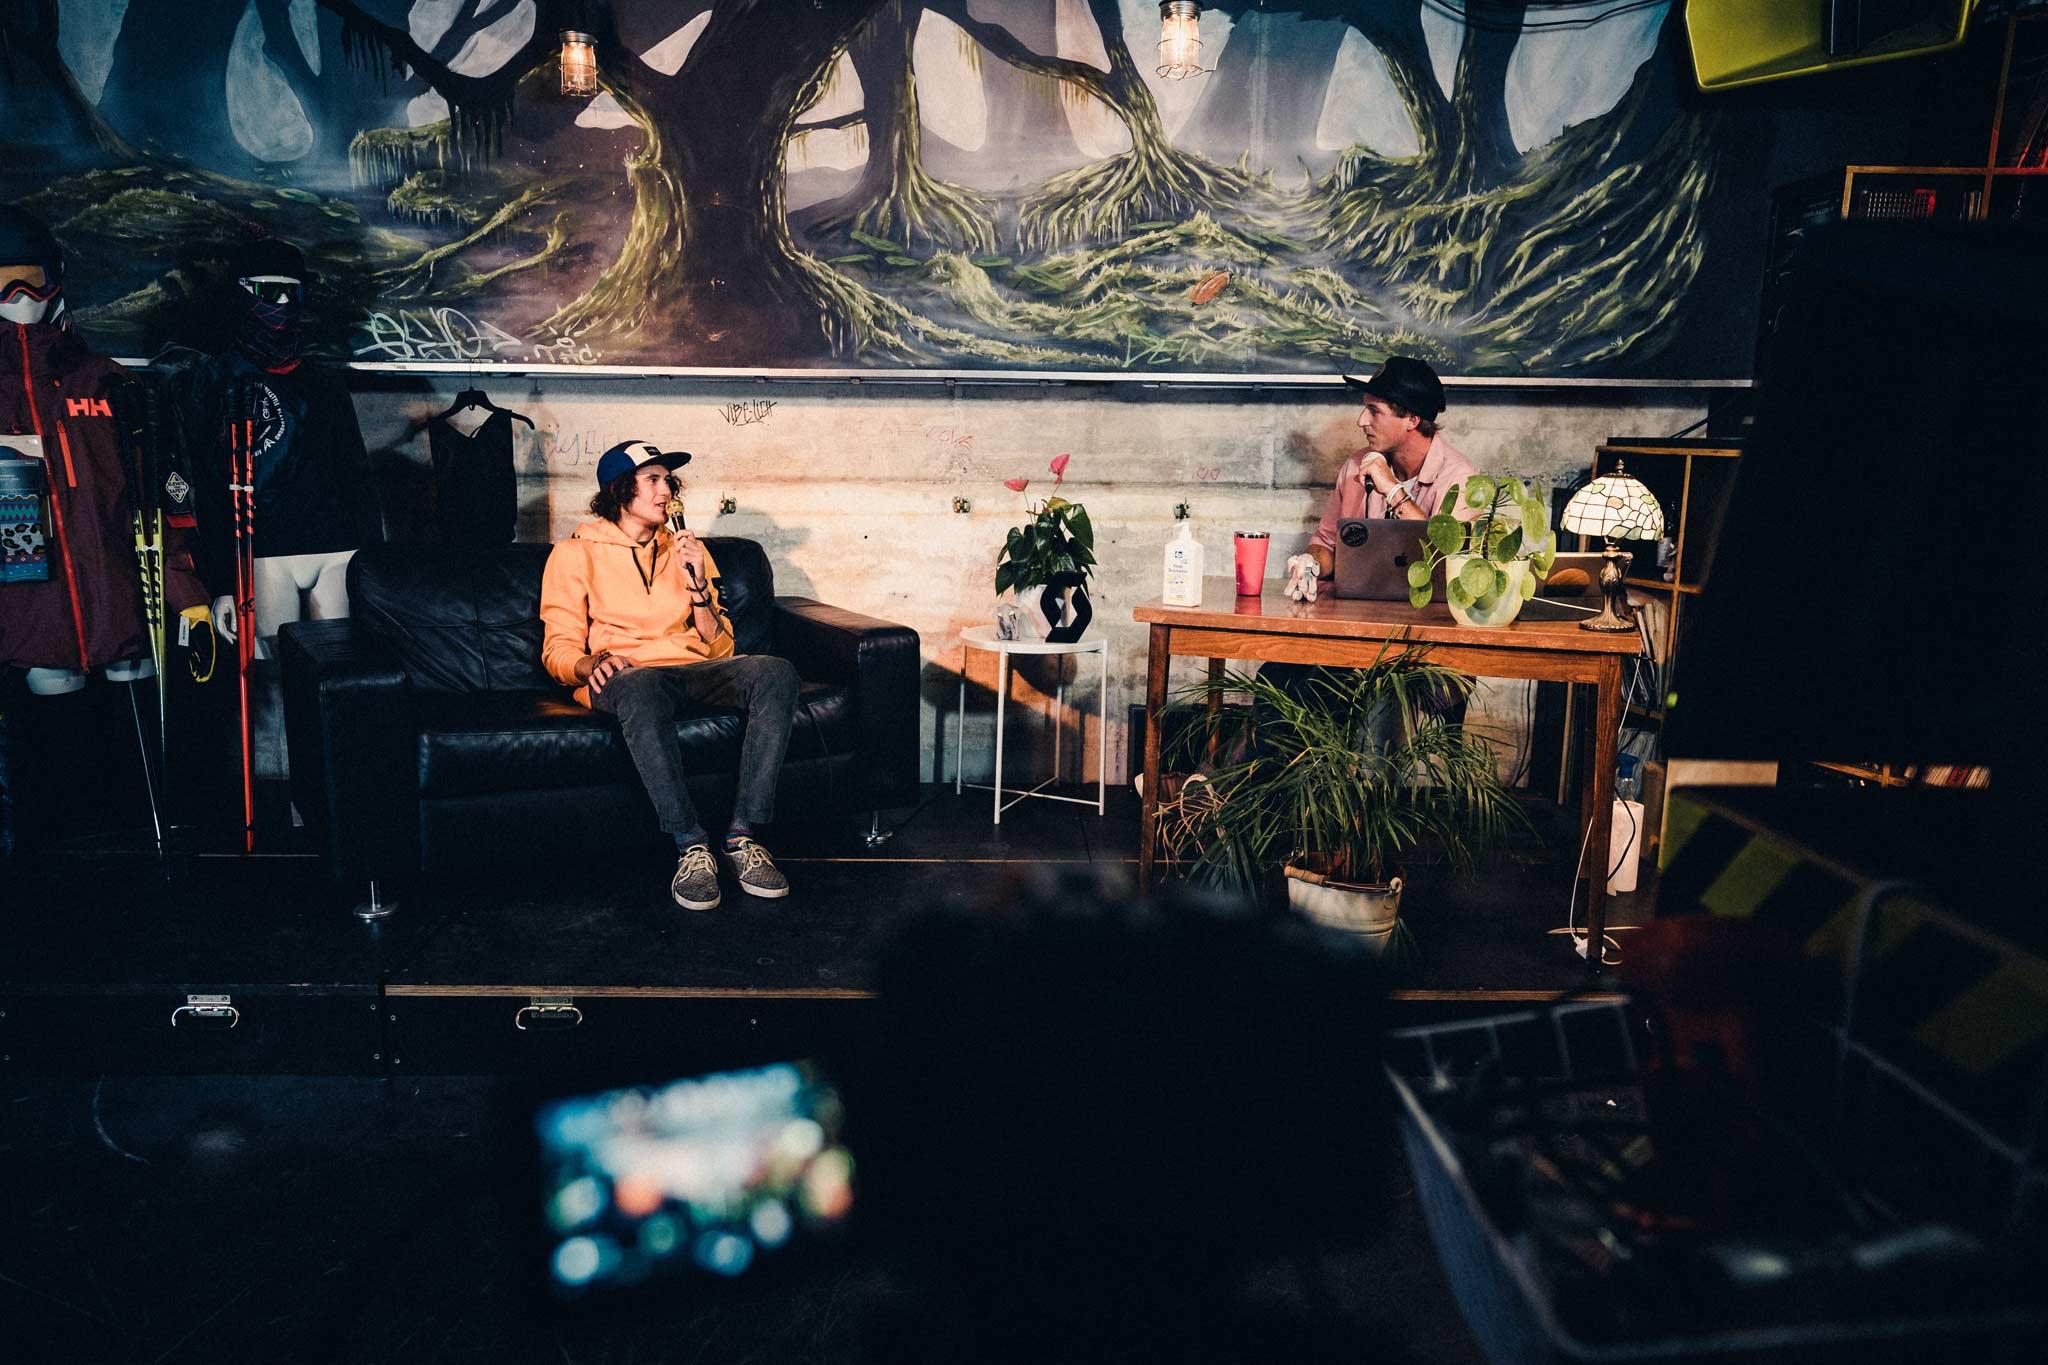 Das zweite Livestream-Event findet am 22.12.2020 auf dachsbau.tv statt. - Foto: Flo Gassner